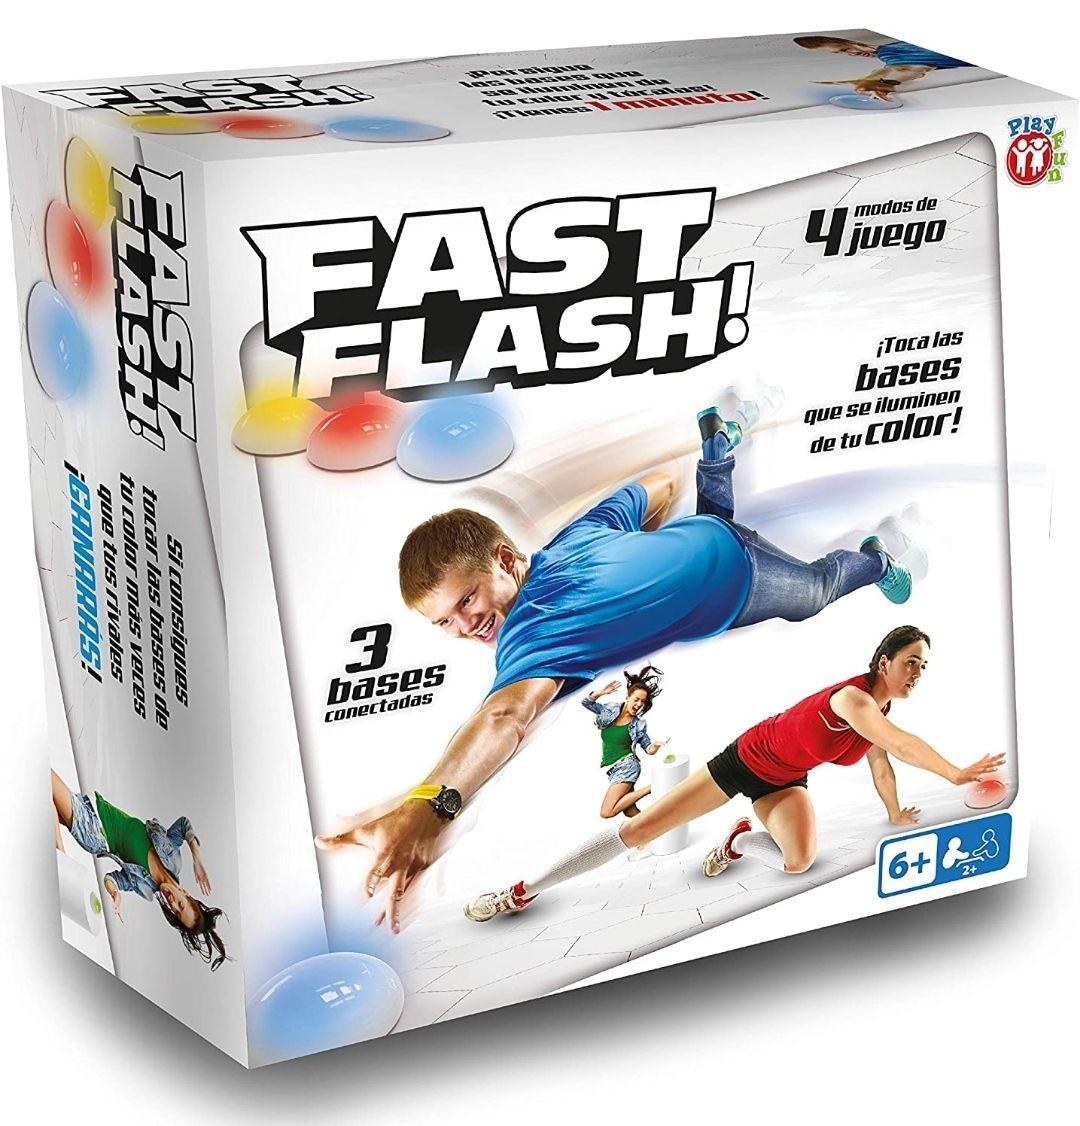 Fast Flash, Juego de habilidad